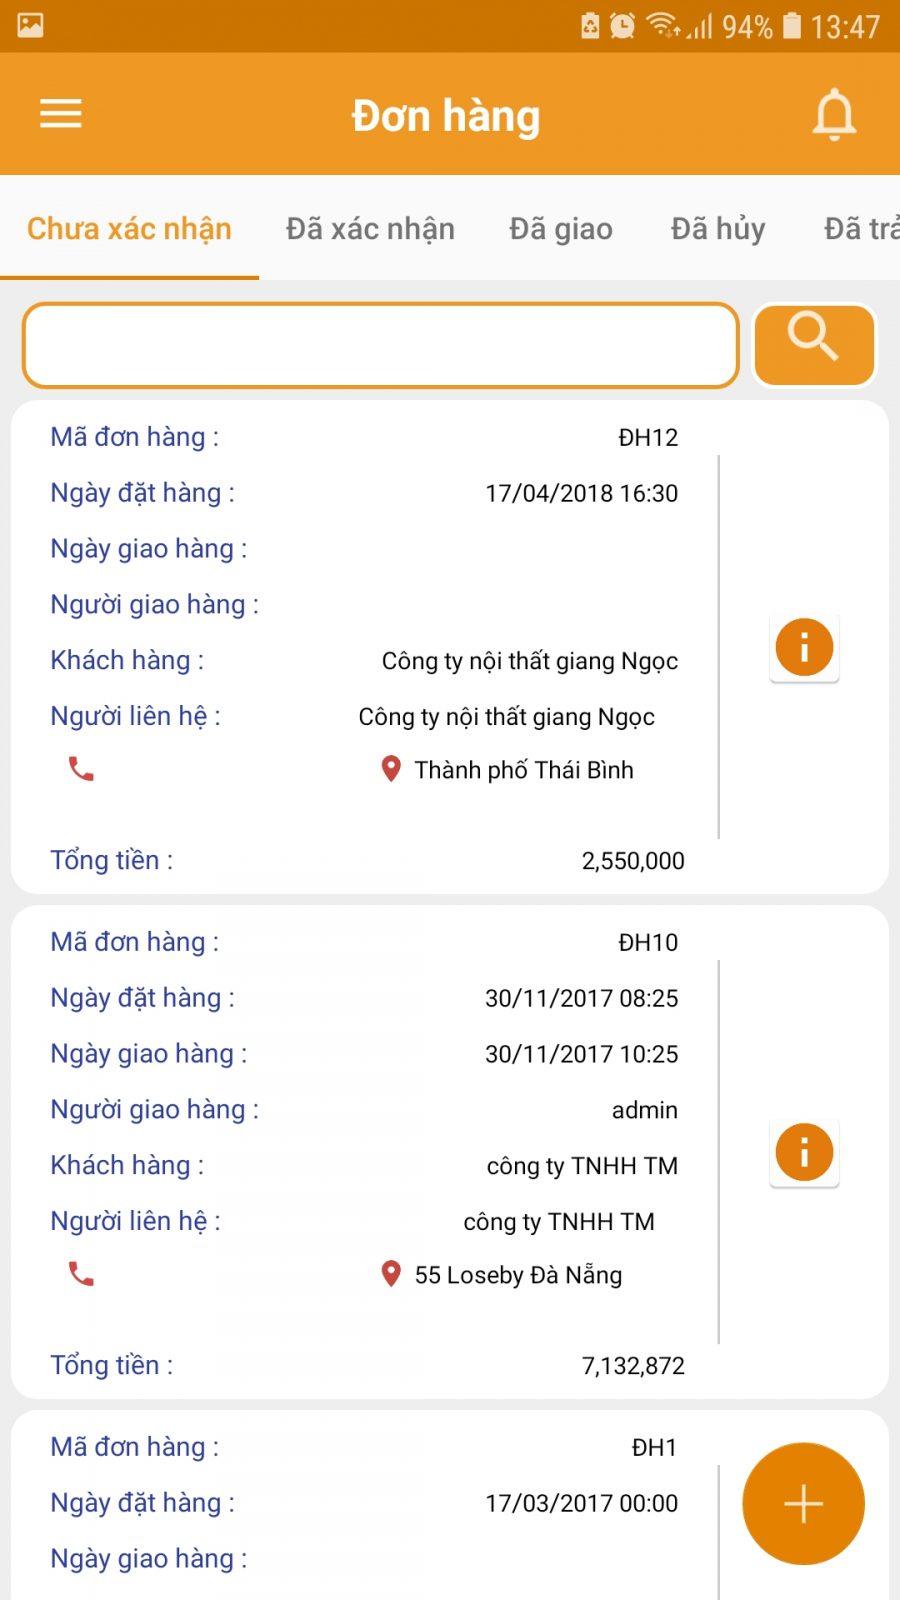 Tính năng đơn hàng trên app CrmViet